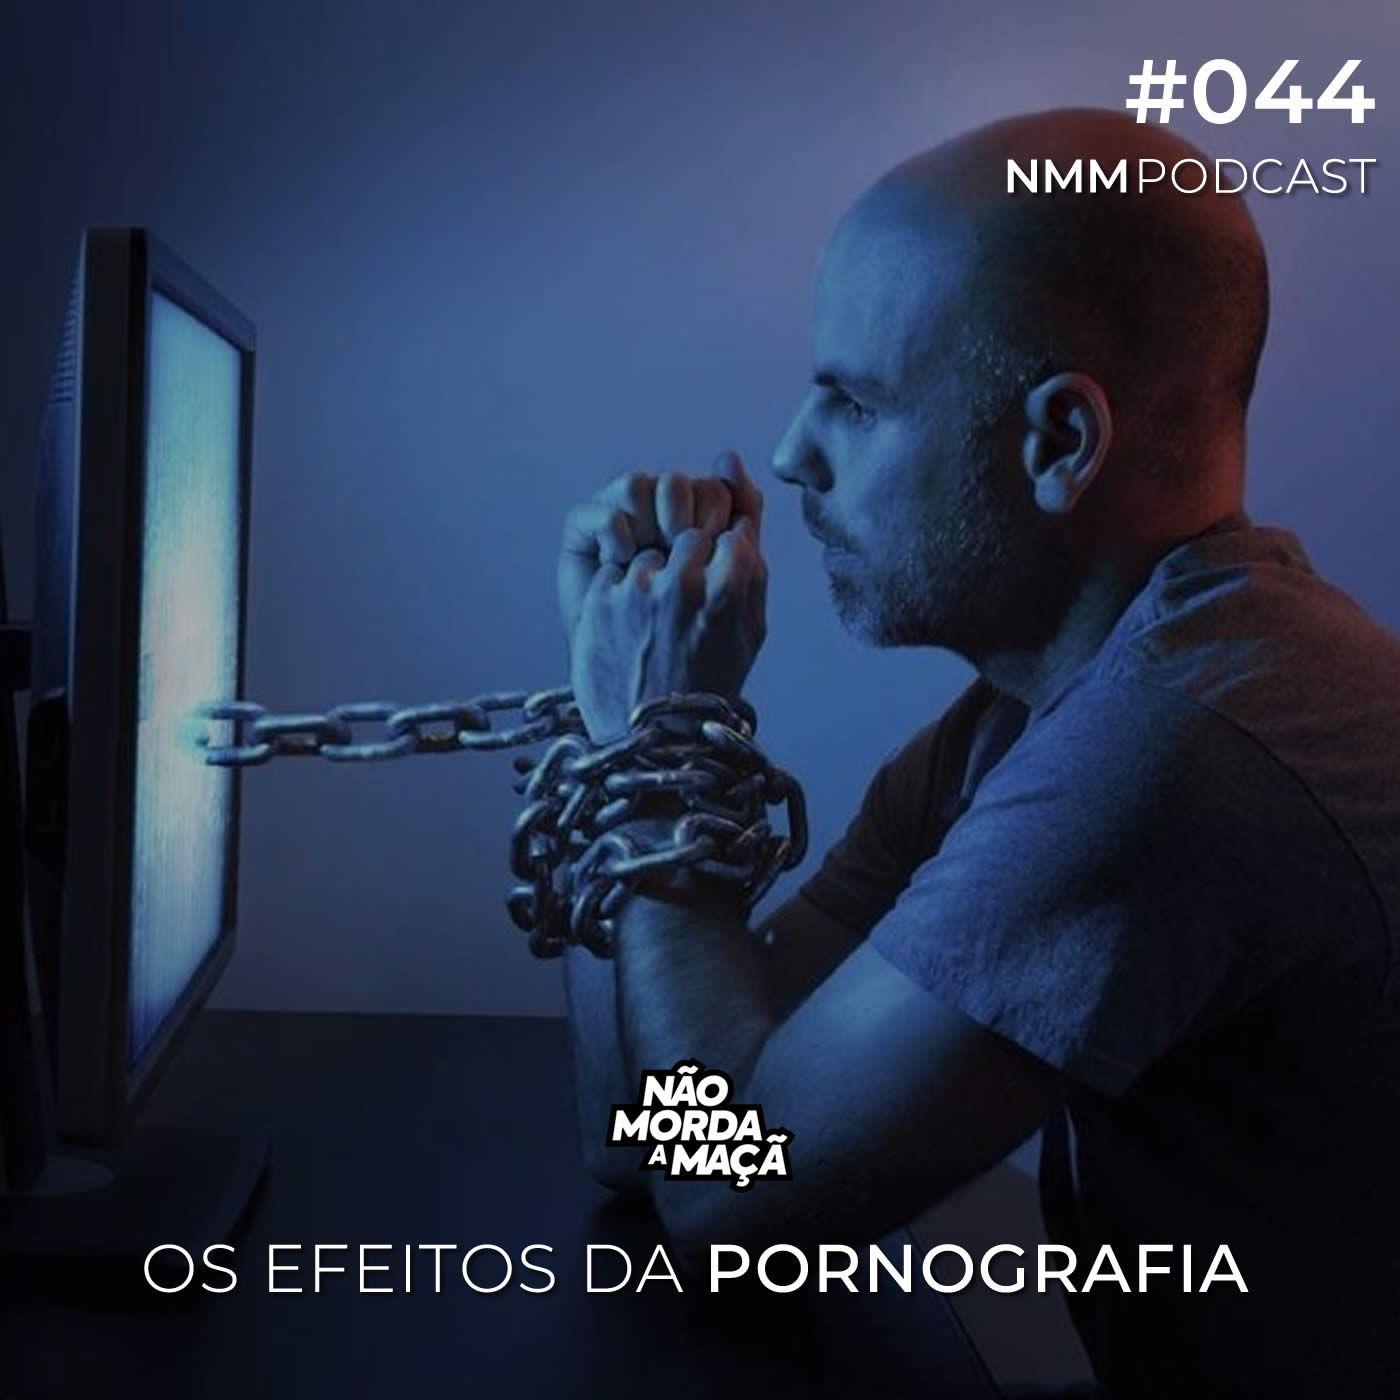 #44 - Os efeitos da pornografia